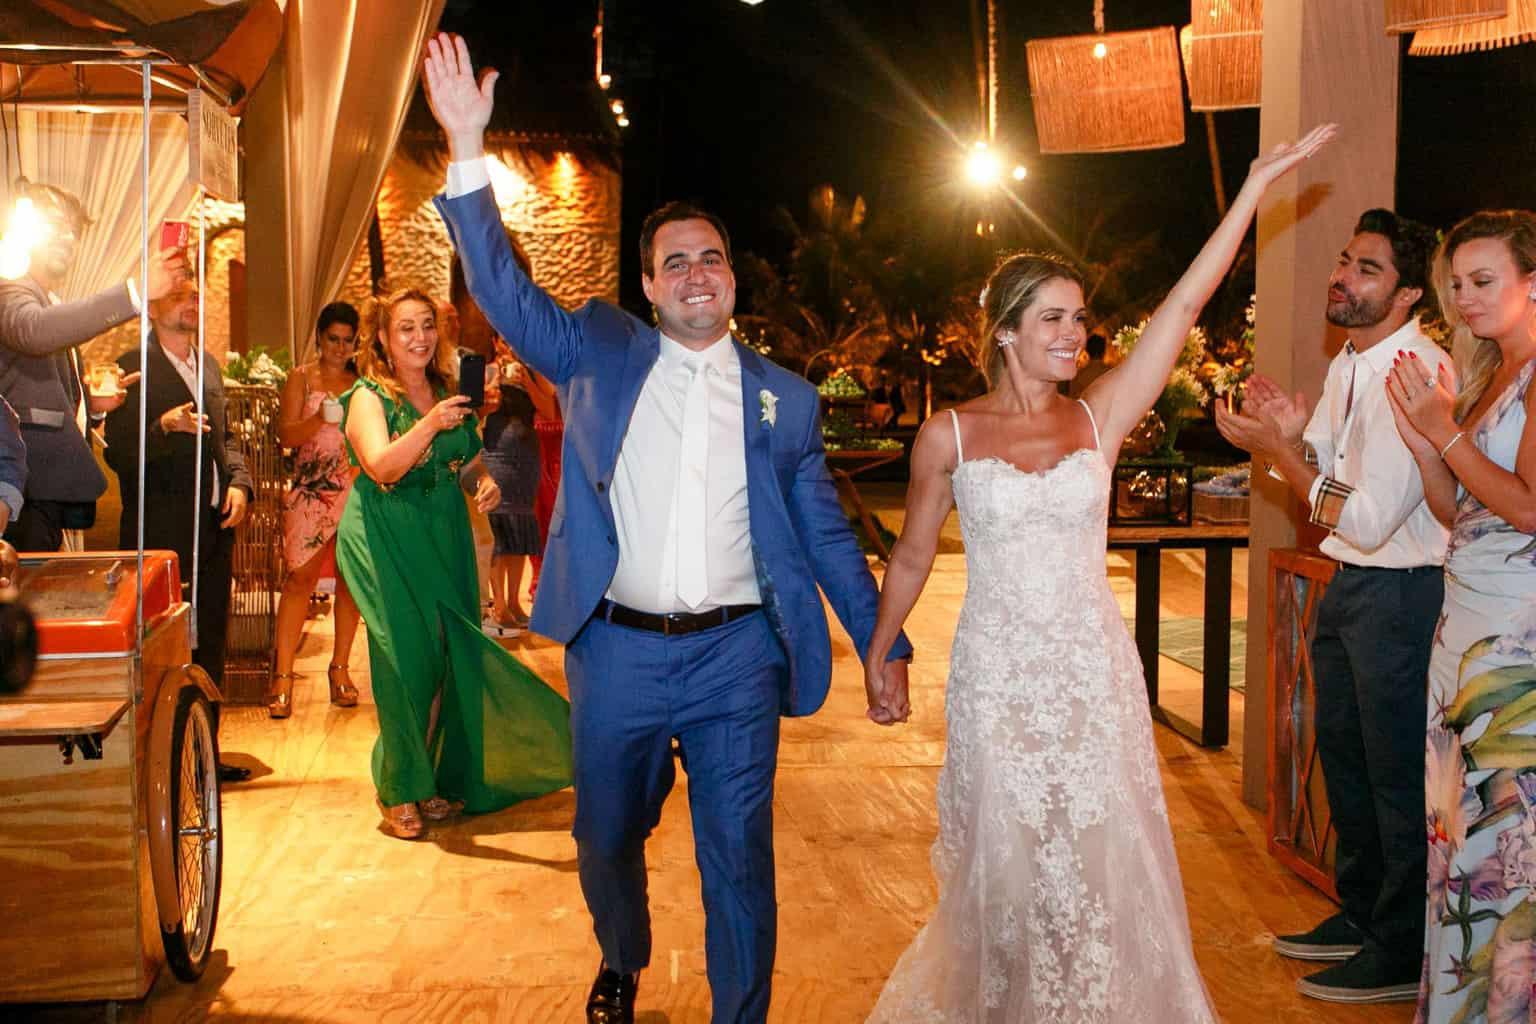 AL-Aline-e-Mauricio-capela-dos-milagres-casamento-casamento-na-praia-festa-de-casamento114